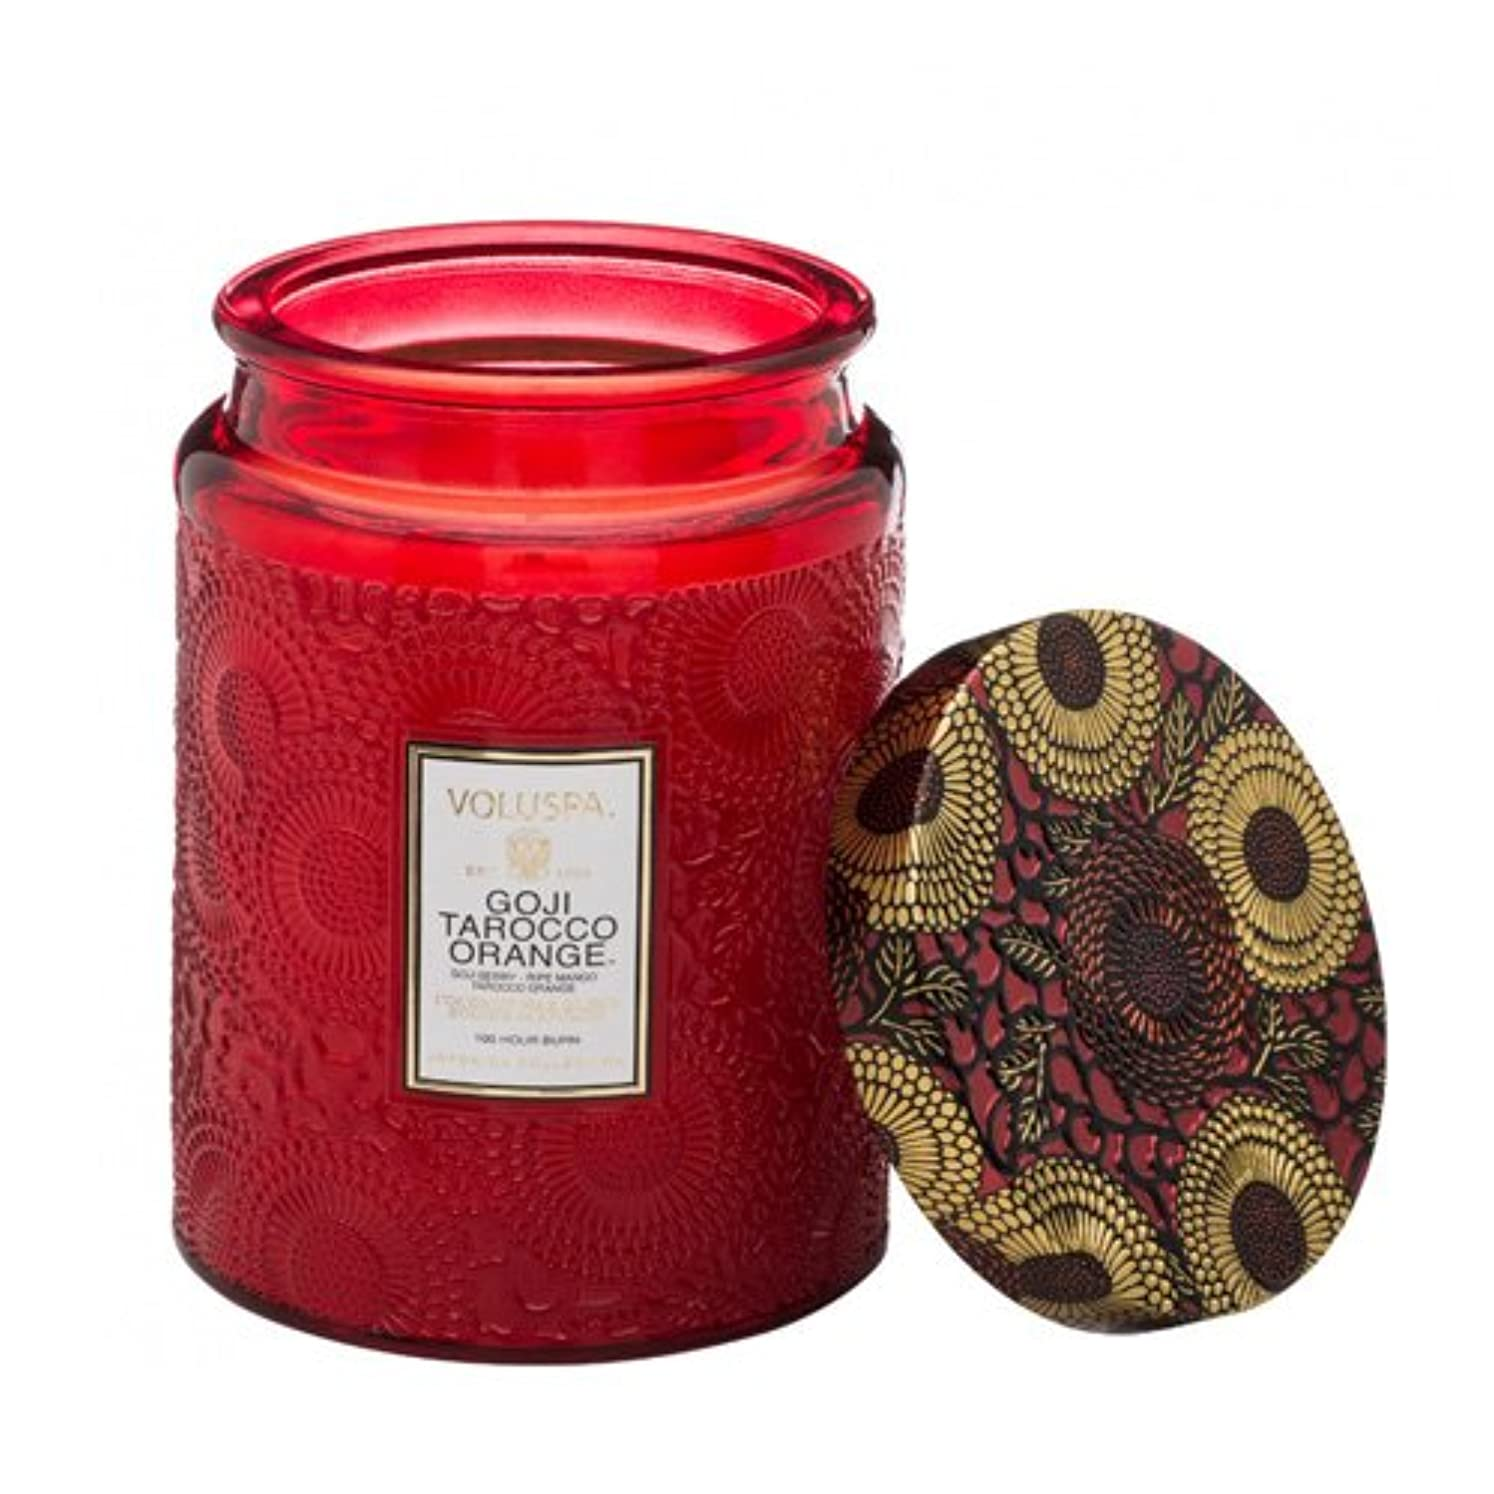 バング効率挑発するVoluspa ボルスパ ジャポニカ リミテッド グラスジャーキャンドル  L ゴージ&タロッコオレンジ GOJI & TAROCCO ORANGE JAPONICA Limited LARGE EMBOSSED Glass jar candle